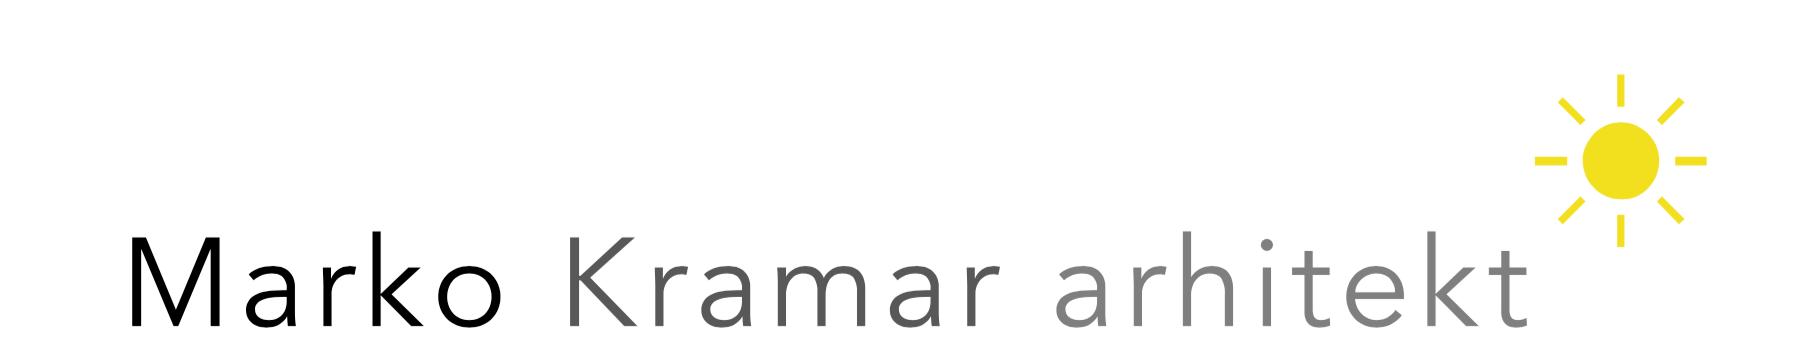 Marko Kramar arhitekt s. p.